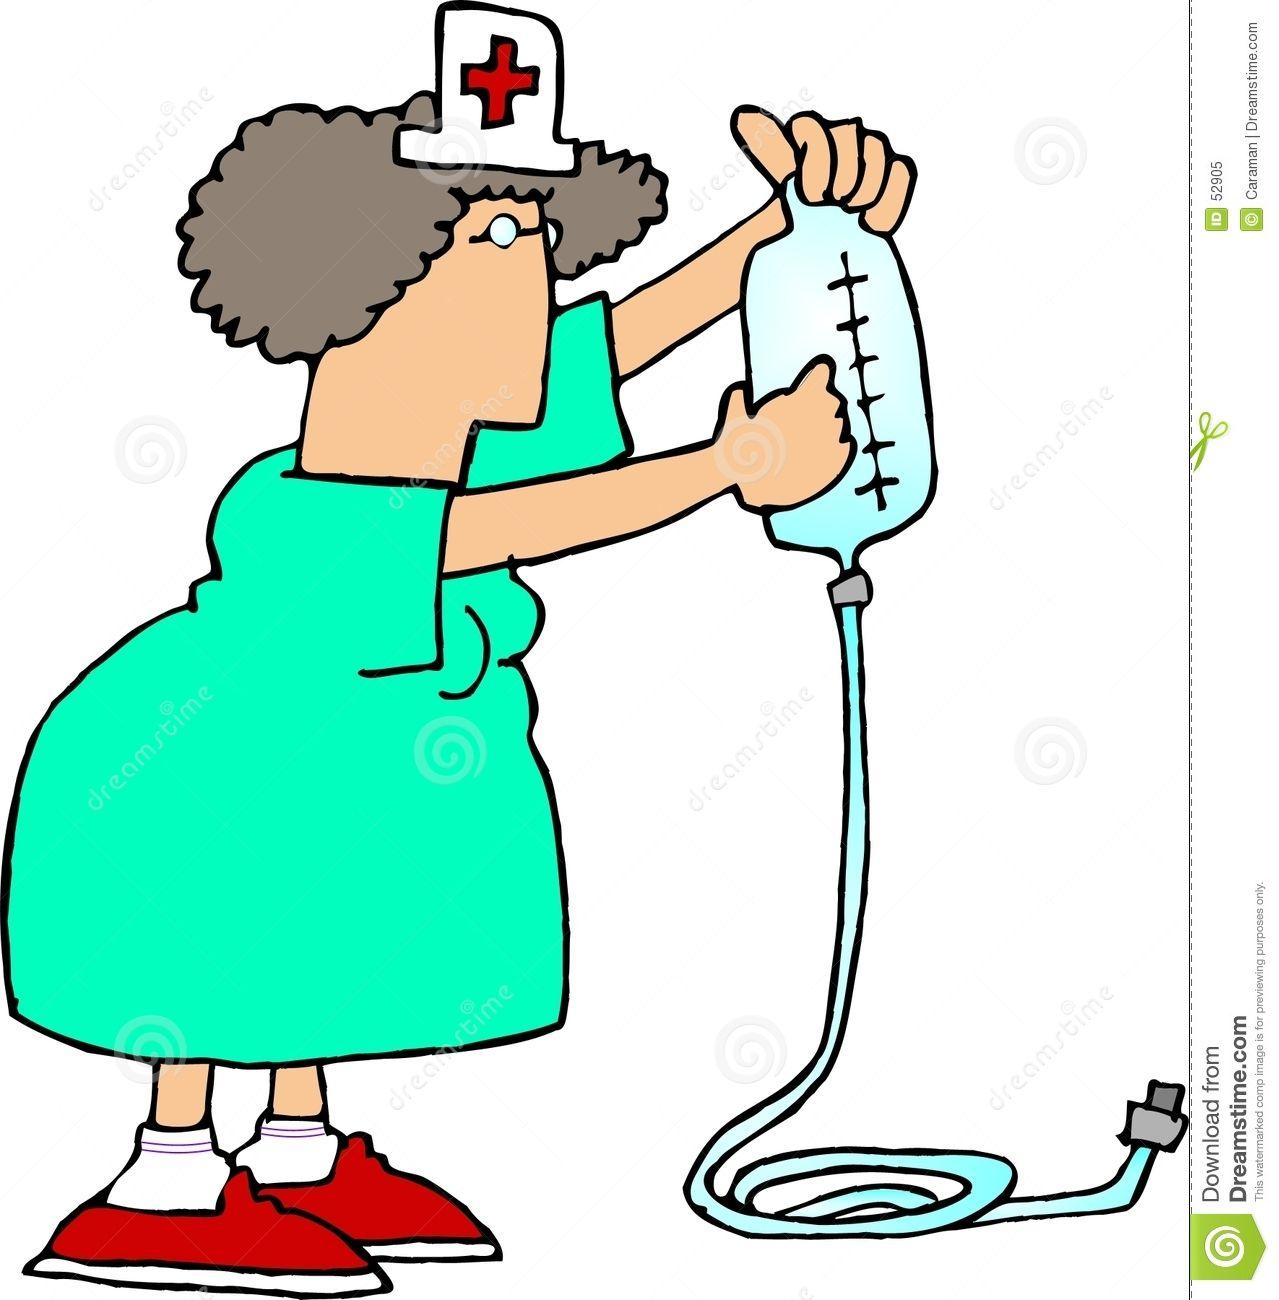 Nurses do it all. nurselife nursehumor nursing